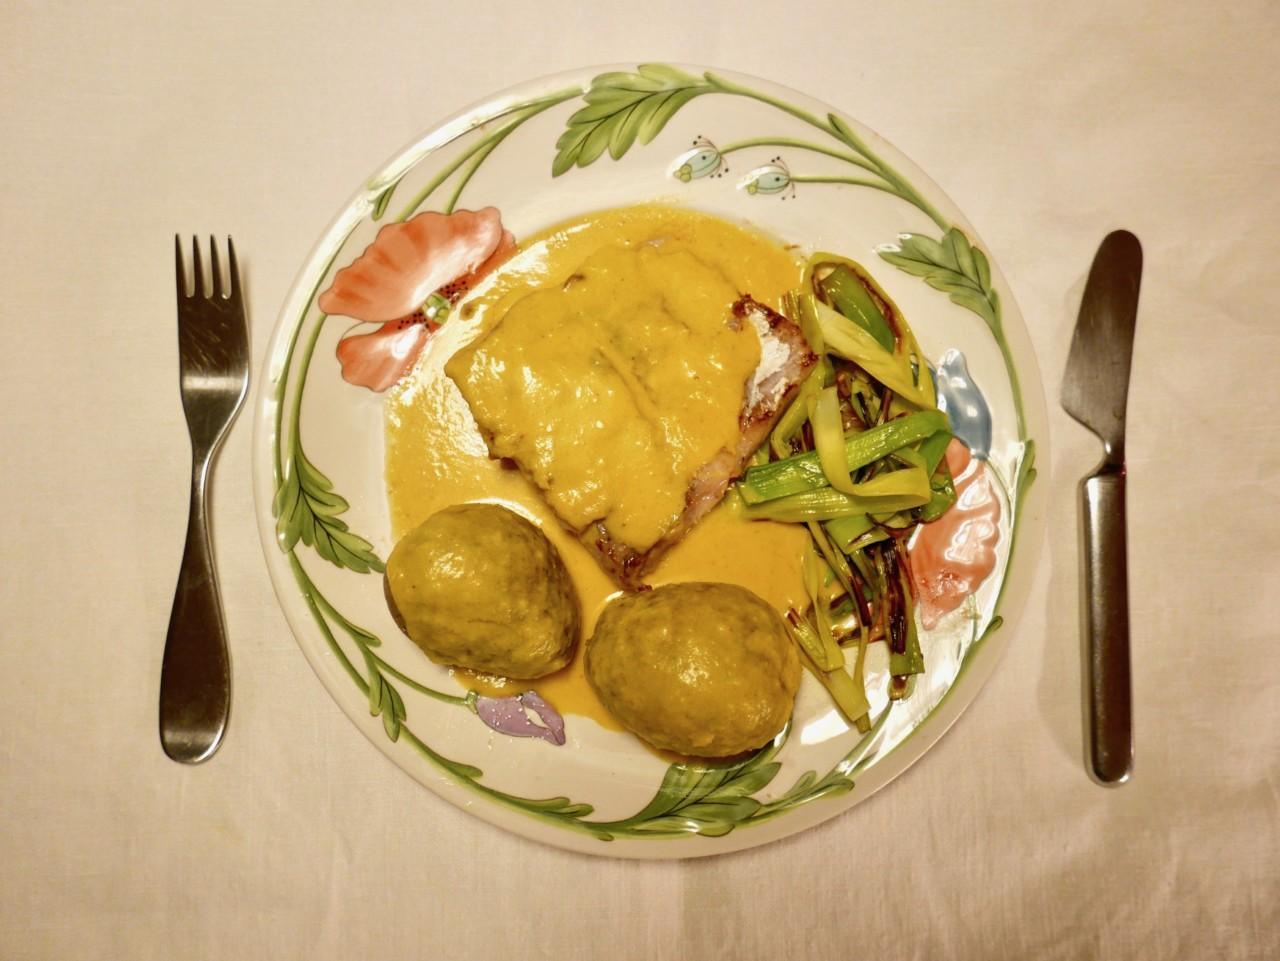 fersk-sei-karri-curry-poteter-purre-oppskrift-green-house